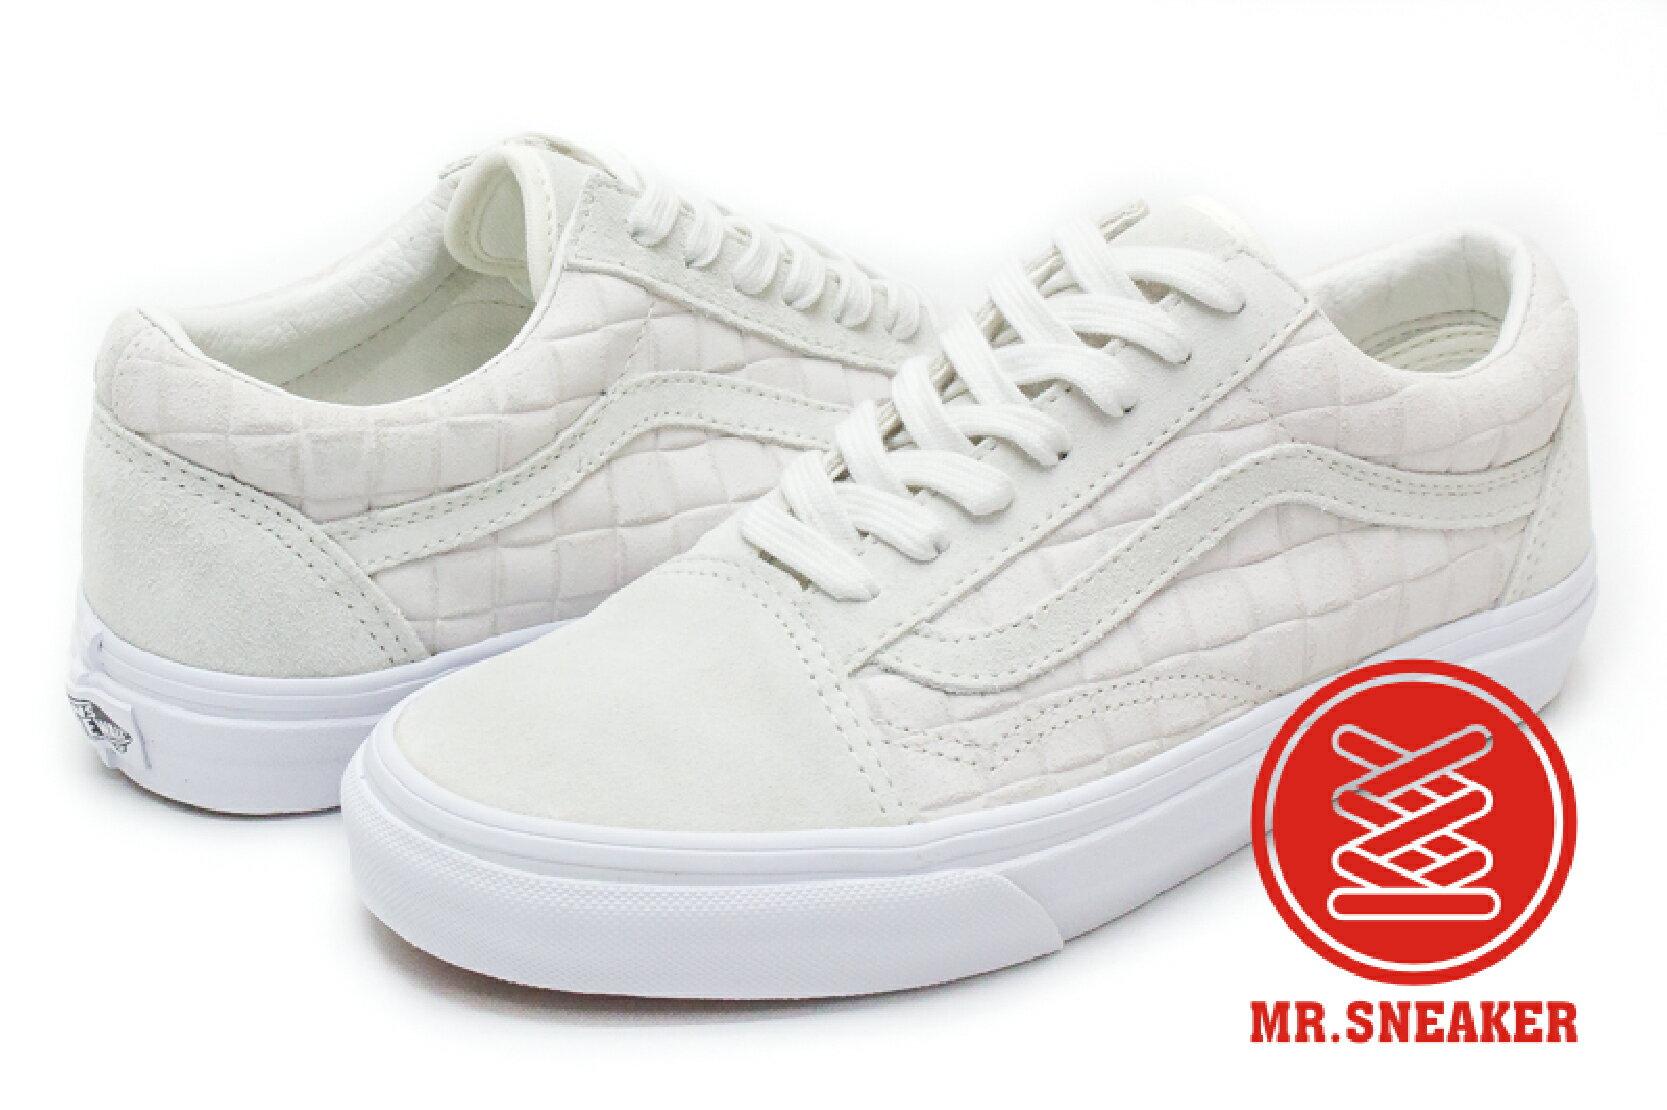 ☆Mr.Sneaker☆ VANS Old Skool Suede Checkers 麂皮 棋盤 壓紋 米白 男女款